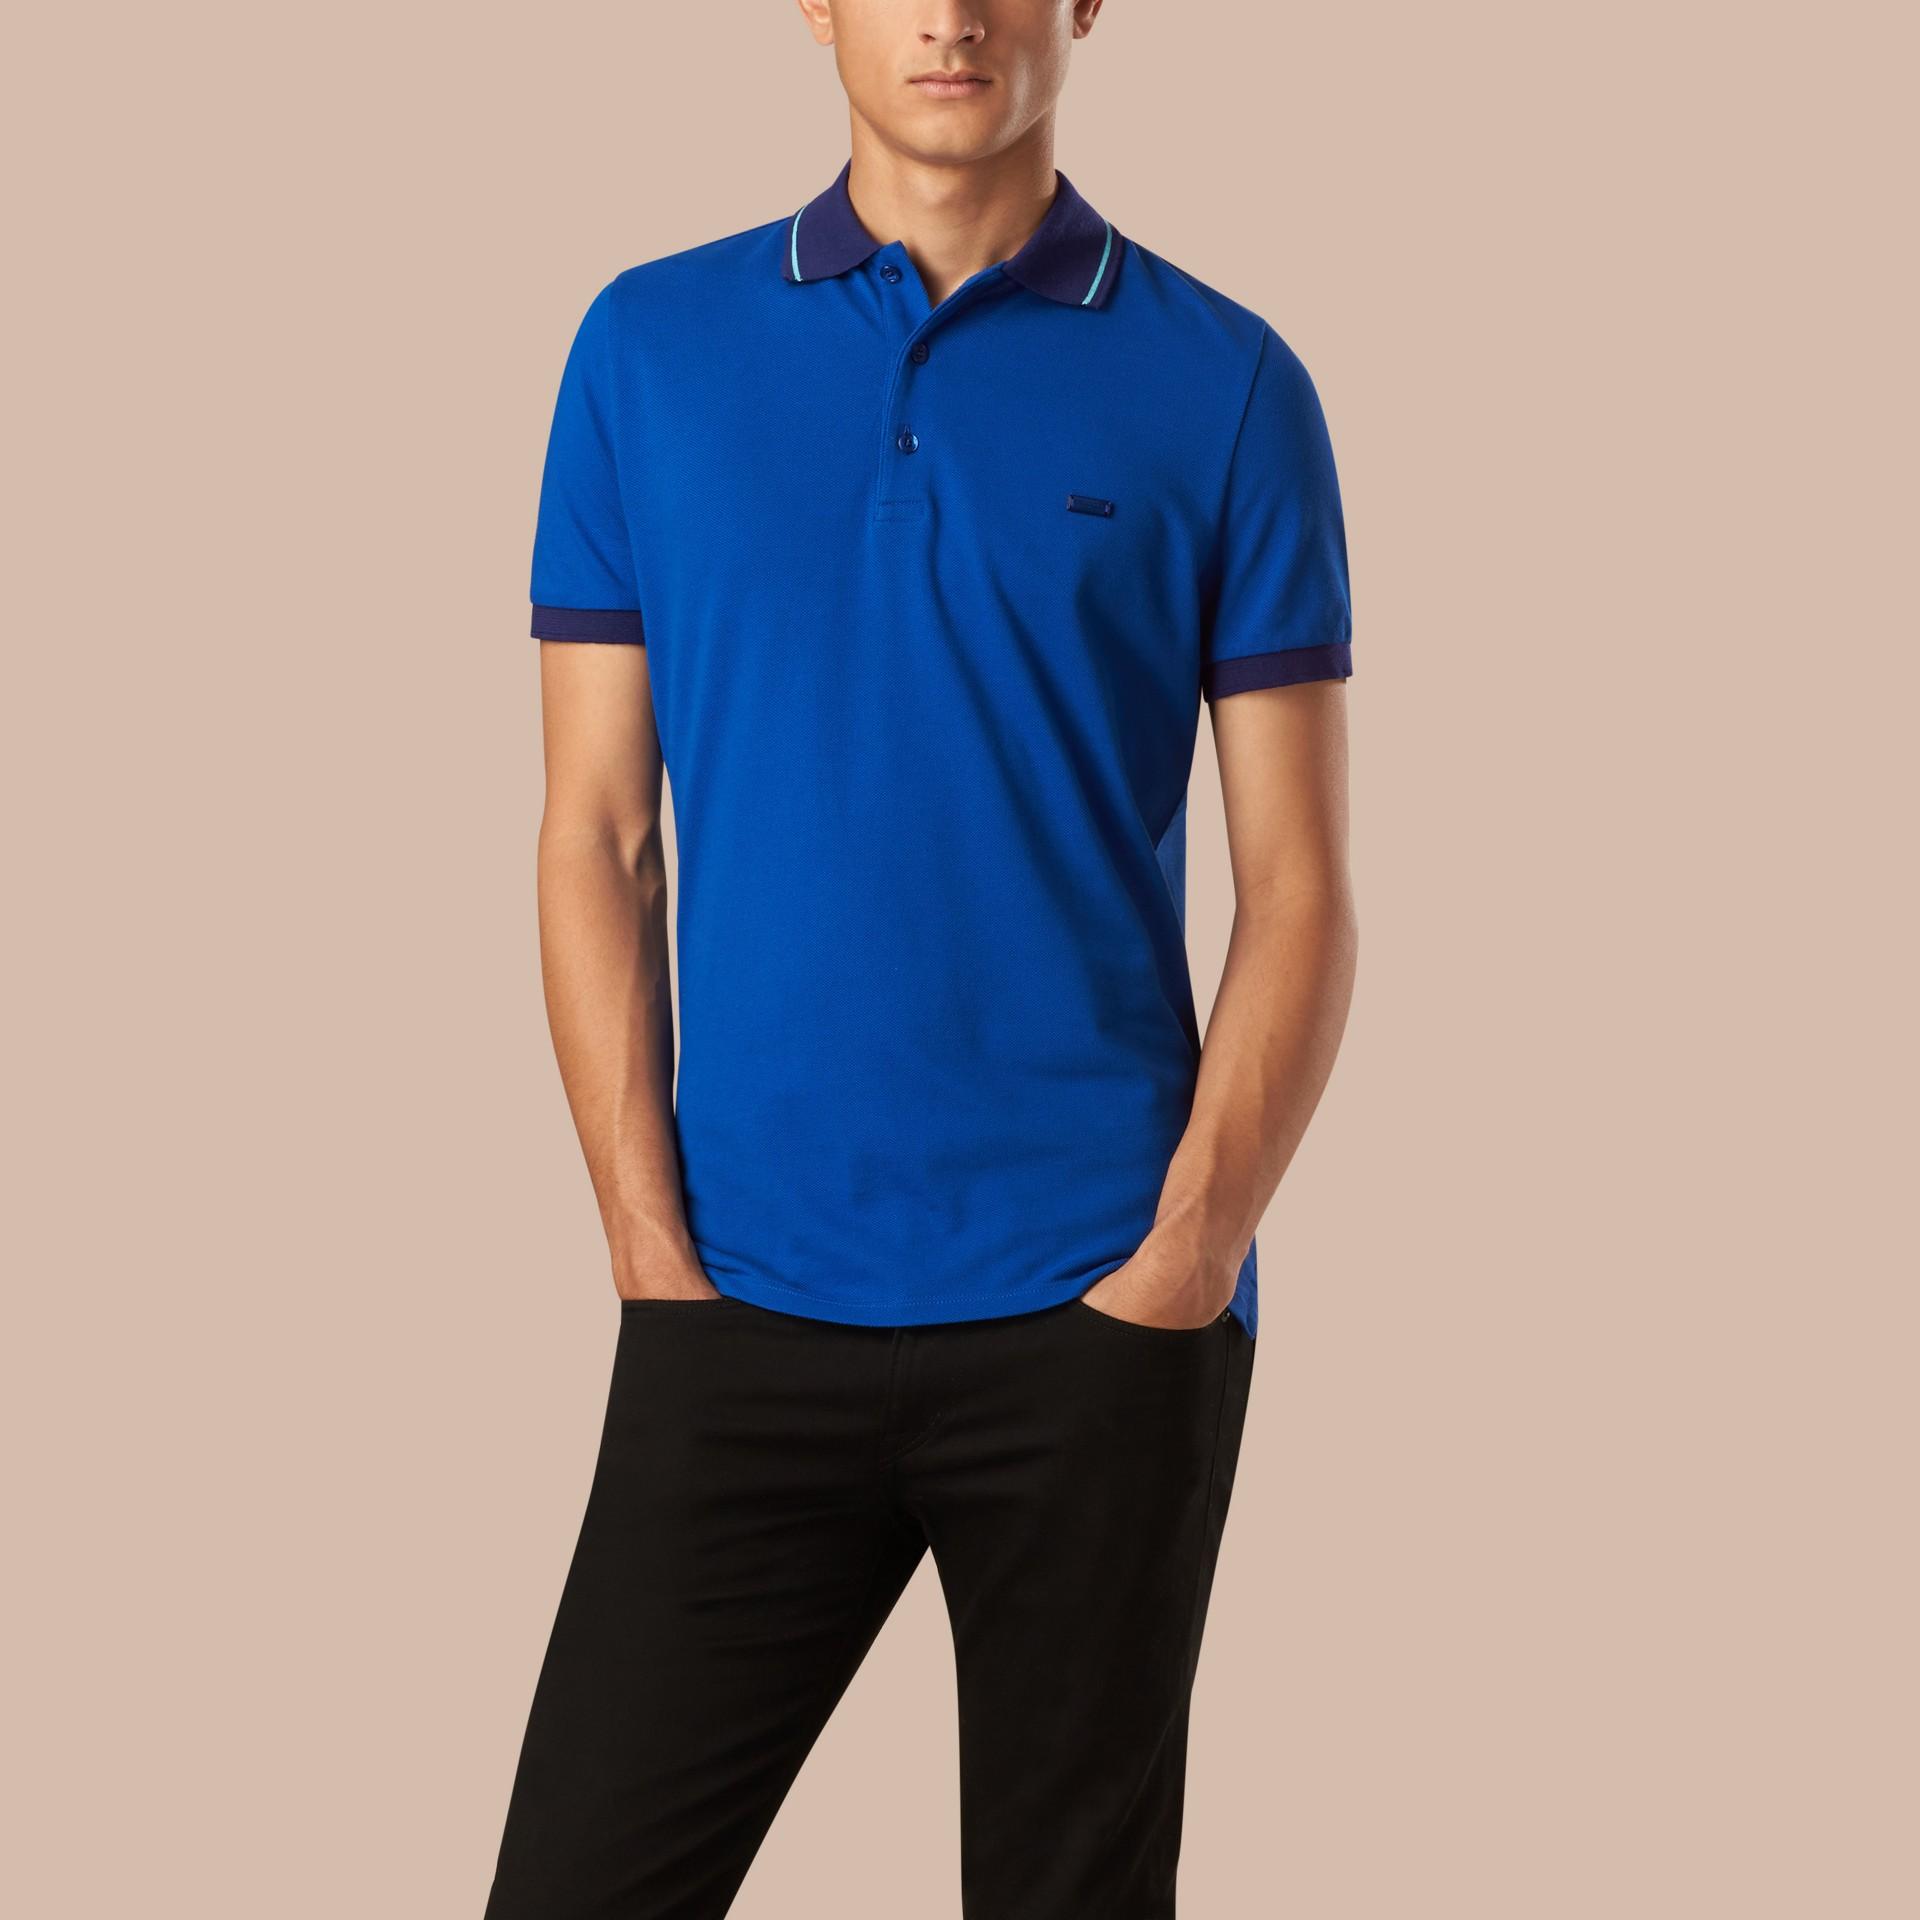 Cobalt/pale prediot blue Camisa polo de algodão piquê com detalhes contrastantes Cobalt/pale Prediot Blue - galeria de imagens 1